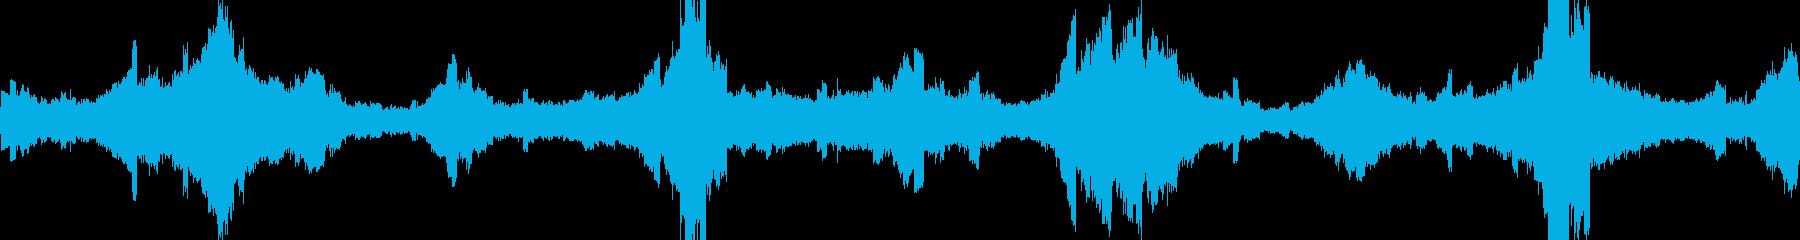 変調を伴うバイナリデジタル高ピッチ...の再生済みの波形